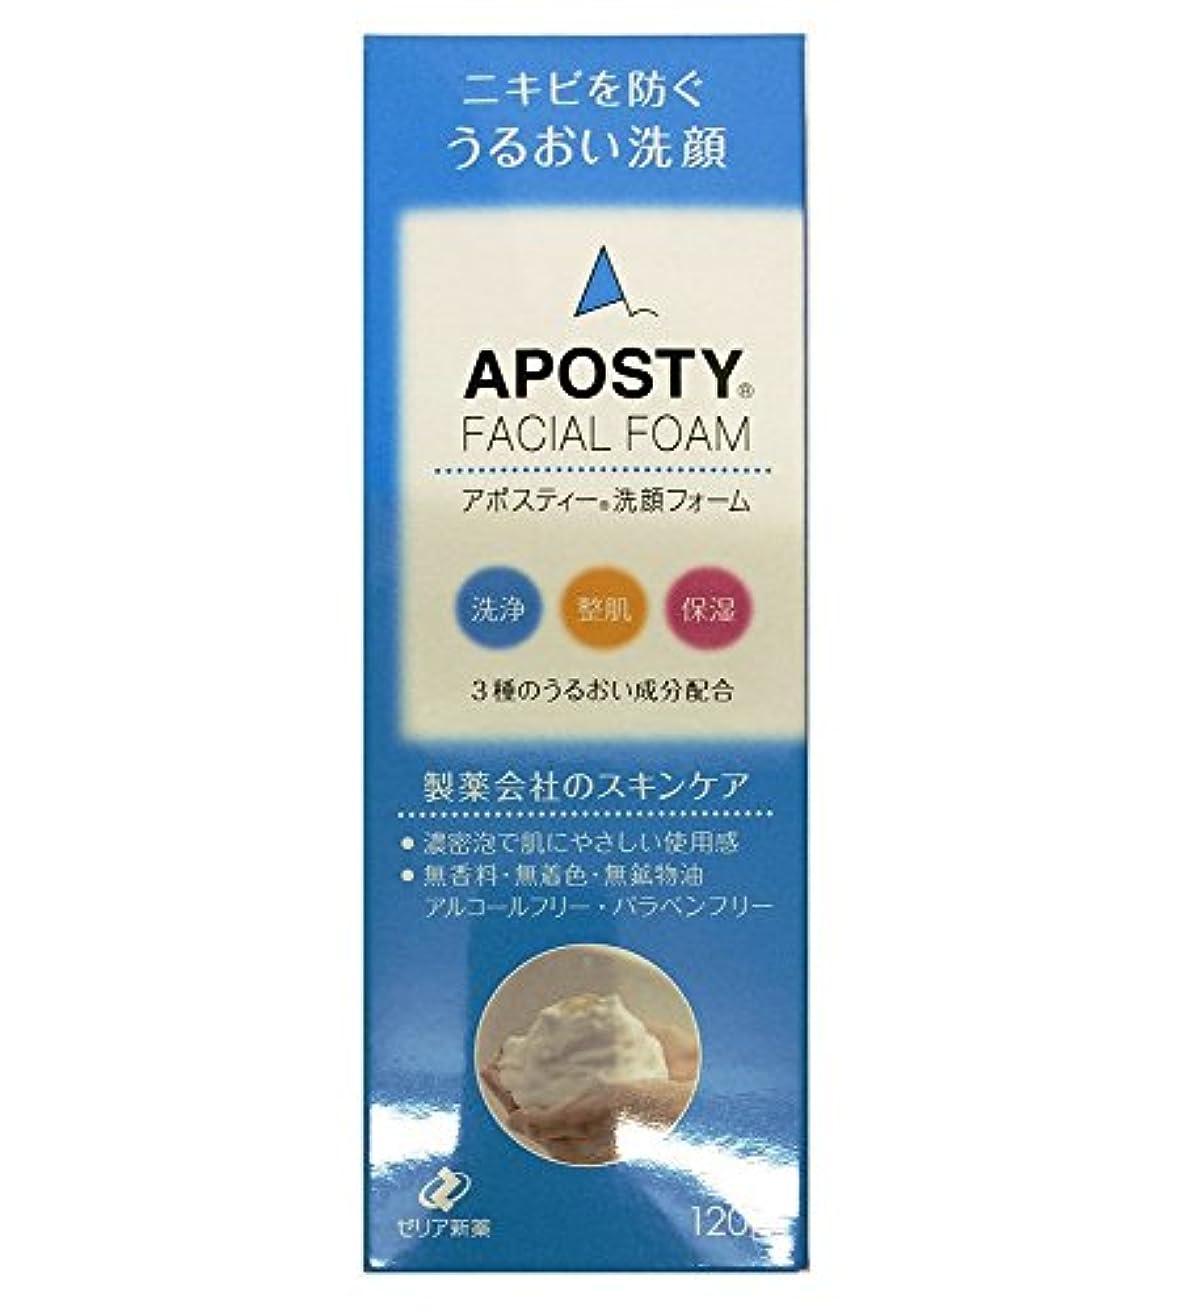 辛いビュッフェお尻ゼリア新薬工業 アポスティー 洗顔フォーム 120g